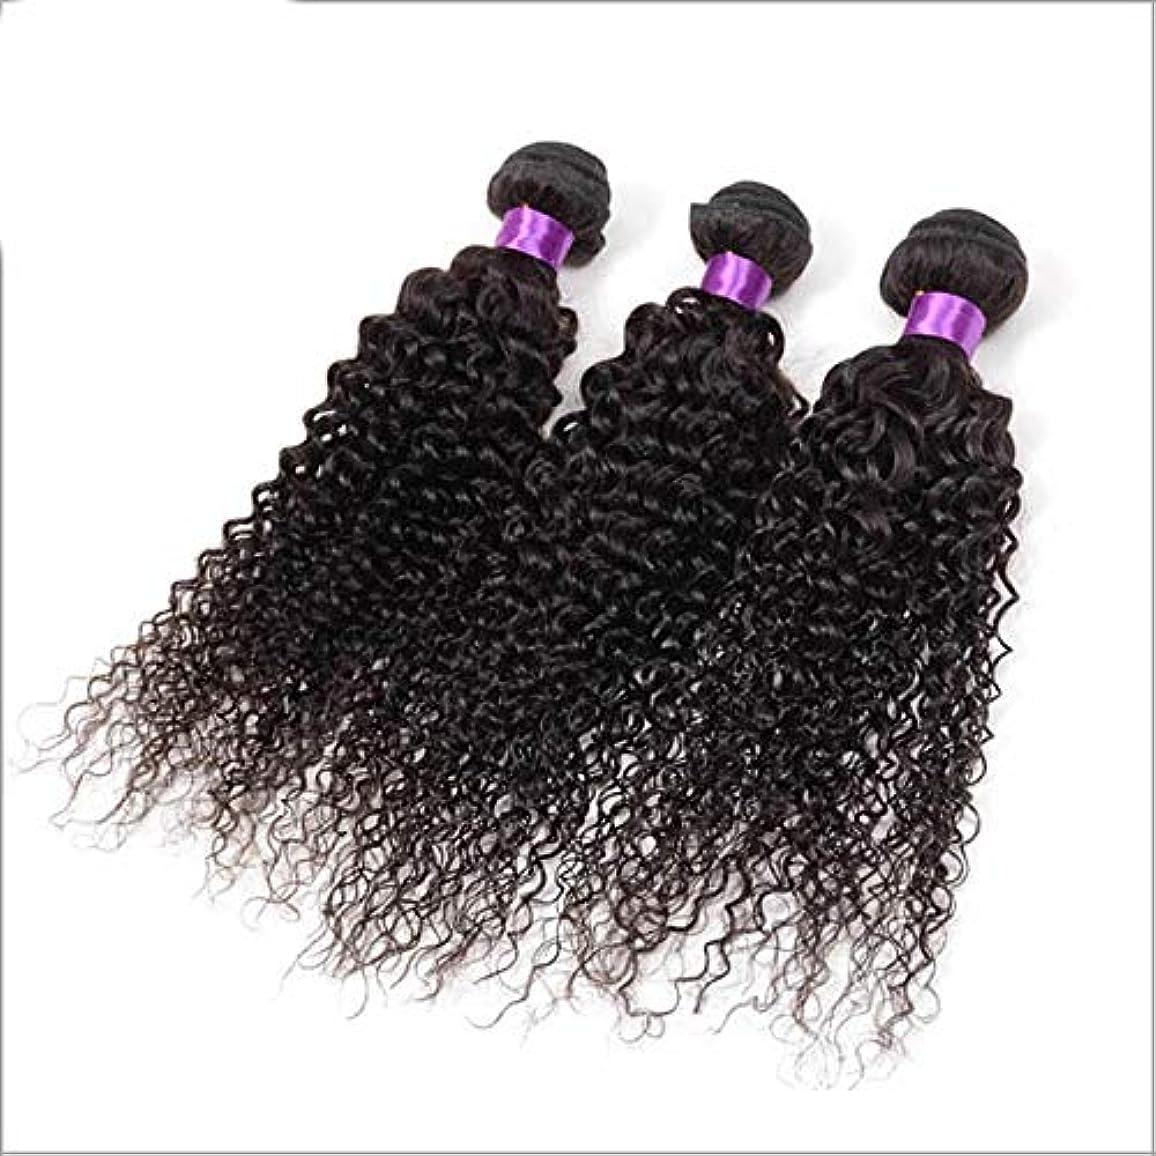 真珠のようなシアーブラジャーHOHYLLYA ブラジルの変態巻き毛の束人間の髪の束3バンドルナチュラルブラックカラー複合毛レースのかつらロールプレイングかつら (色 : ブラック, サイズ : 20 inch)